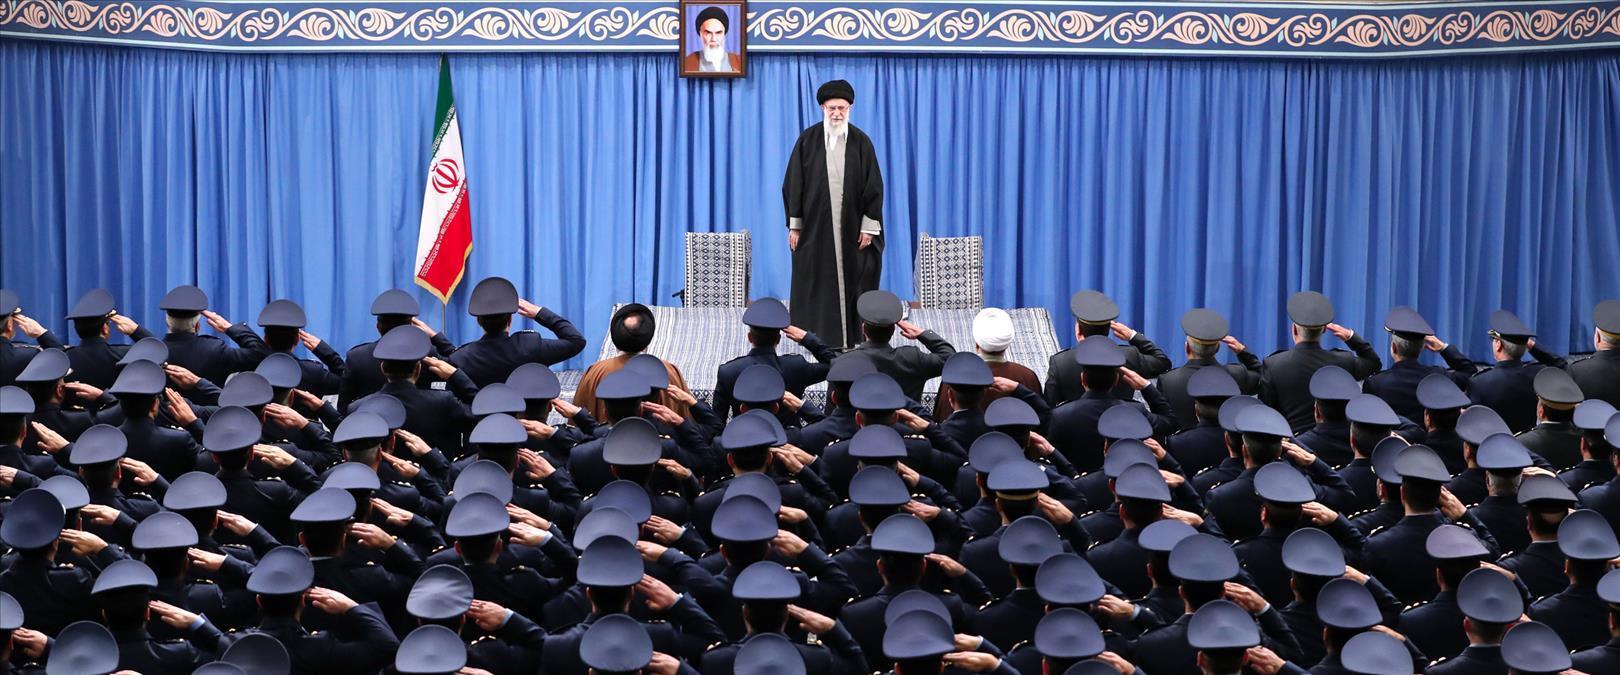 חמנאי באסיפה צבאית באיראן